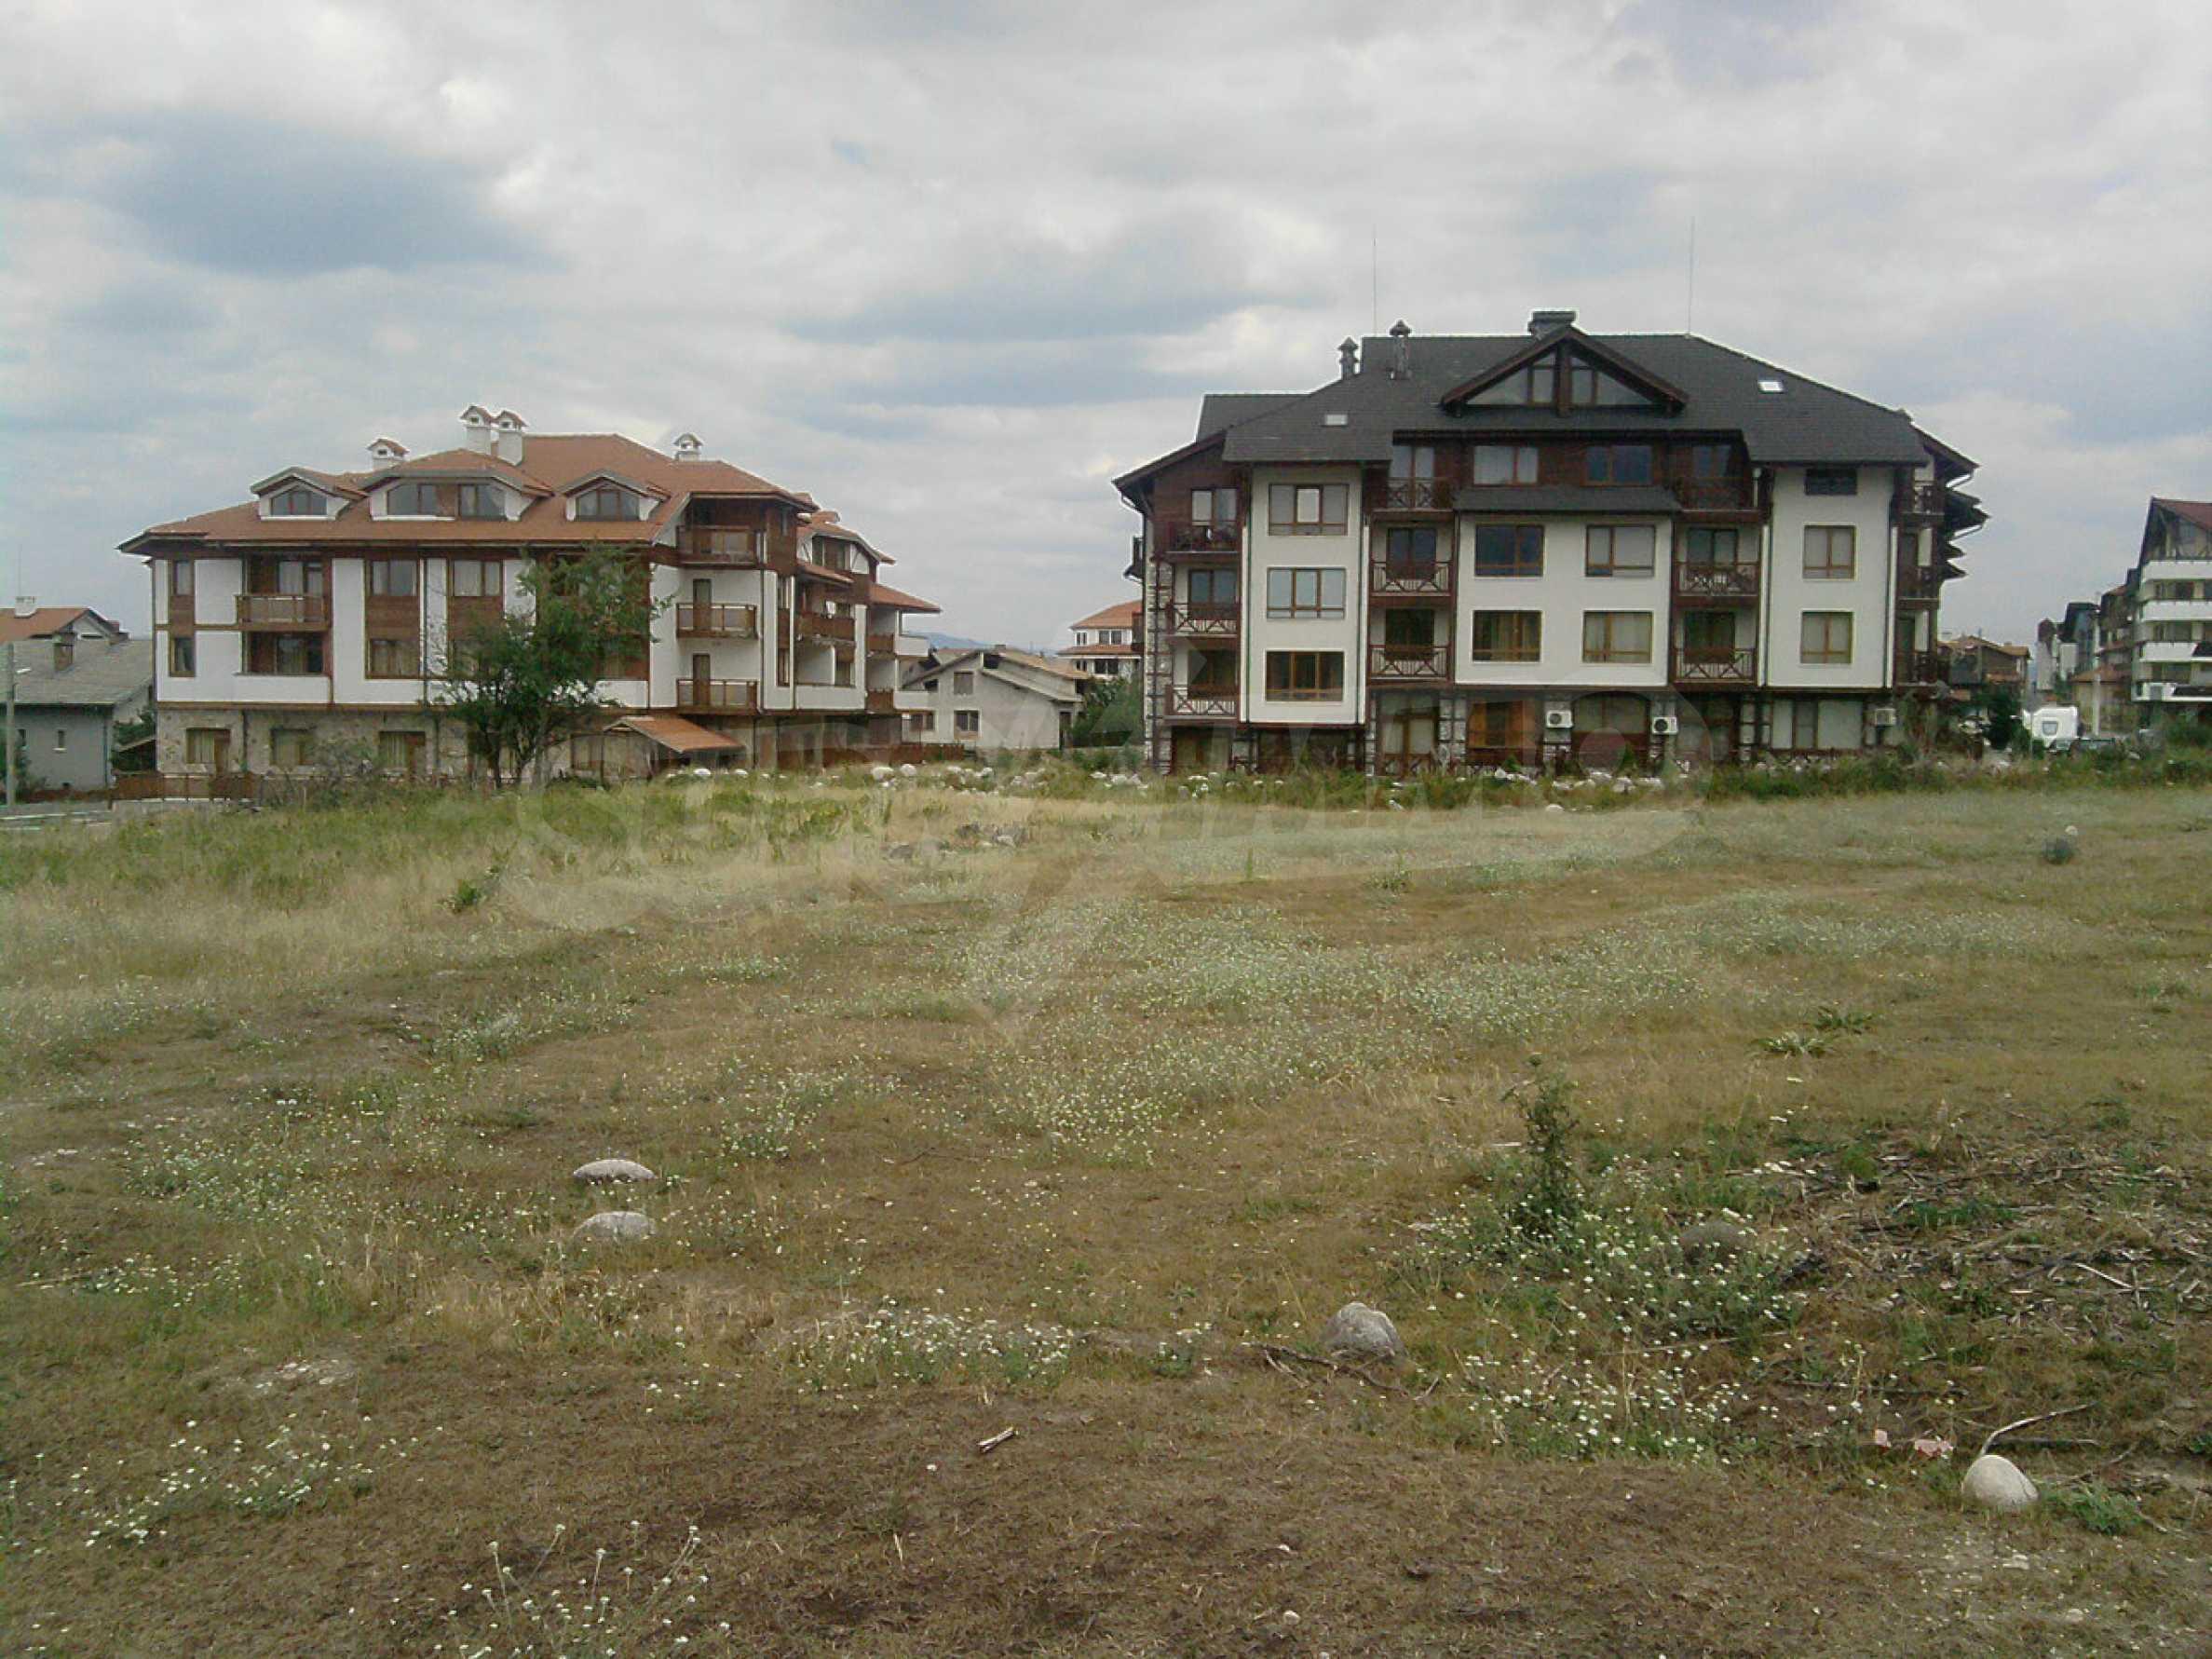 Baugrundstück 400 m vom Kabinenlift in Bansko entfernt 5